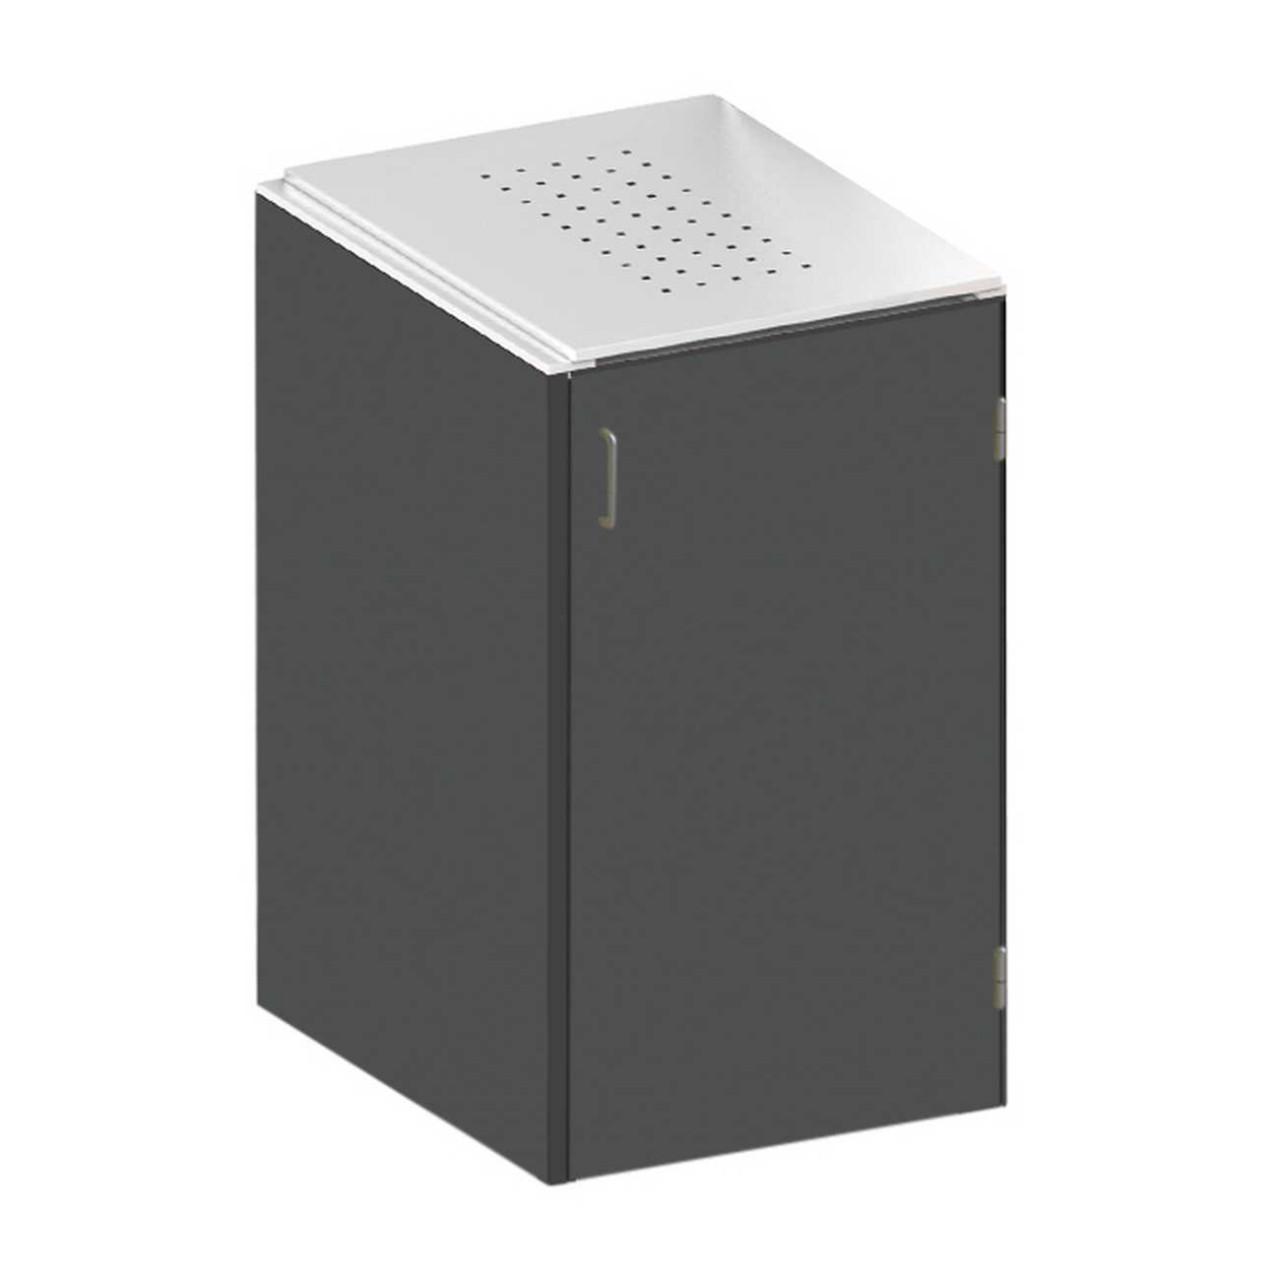 Binto Müllbox HPL Schiefer mit Edelstahl Klappdeckel